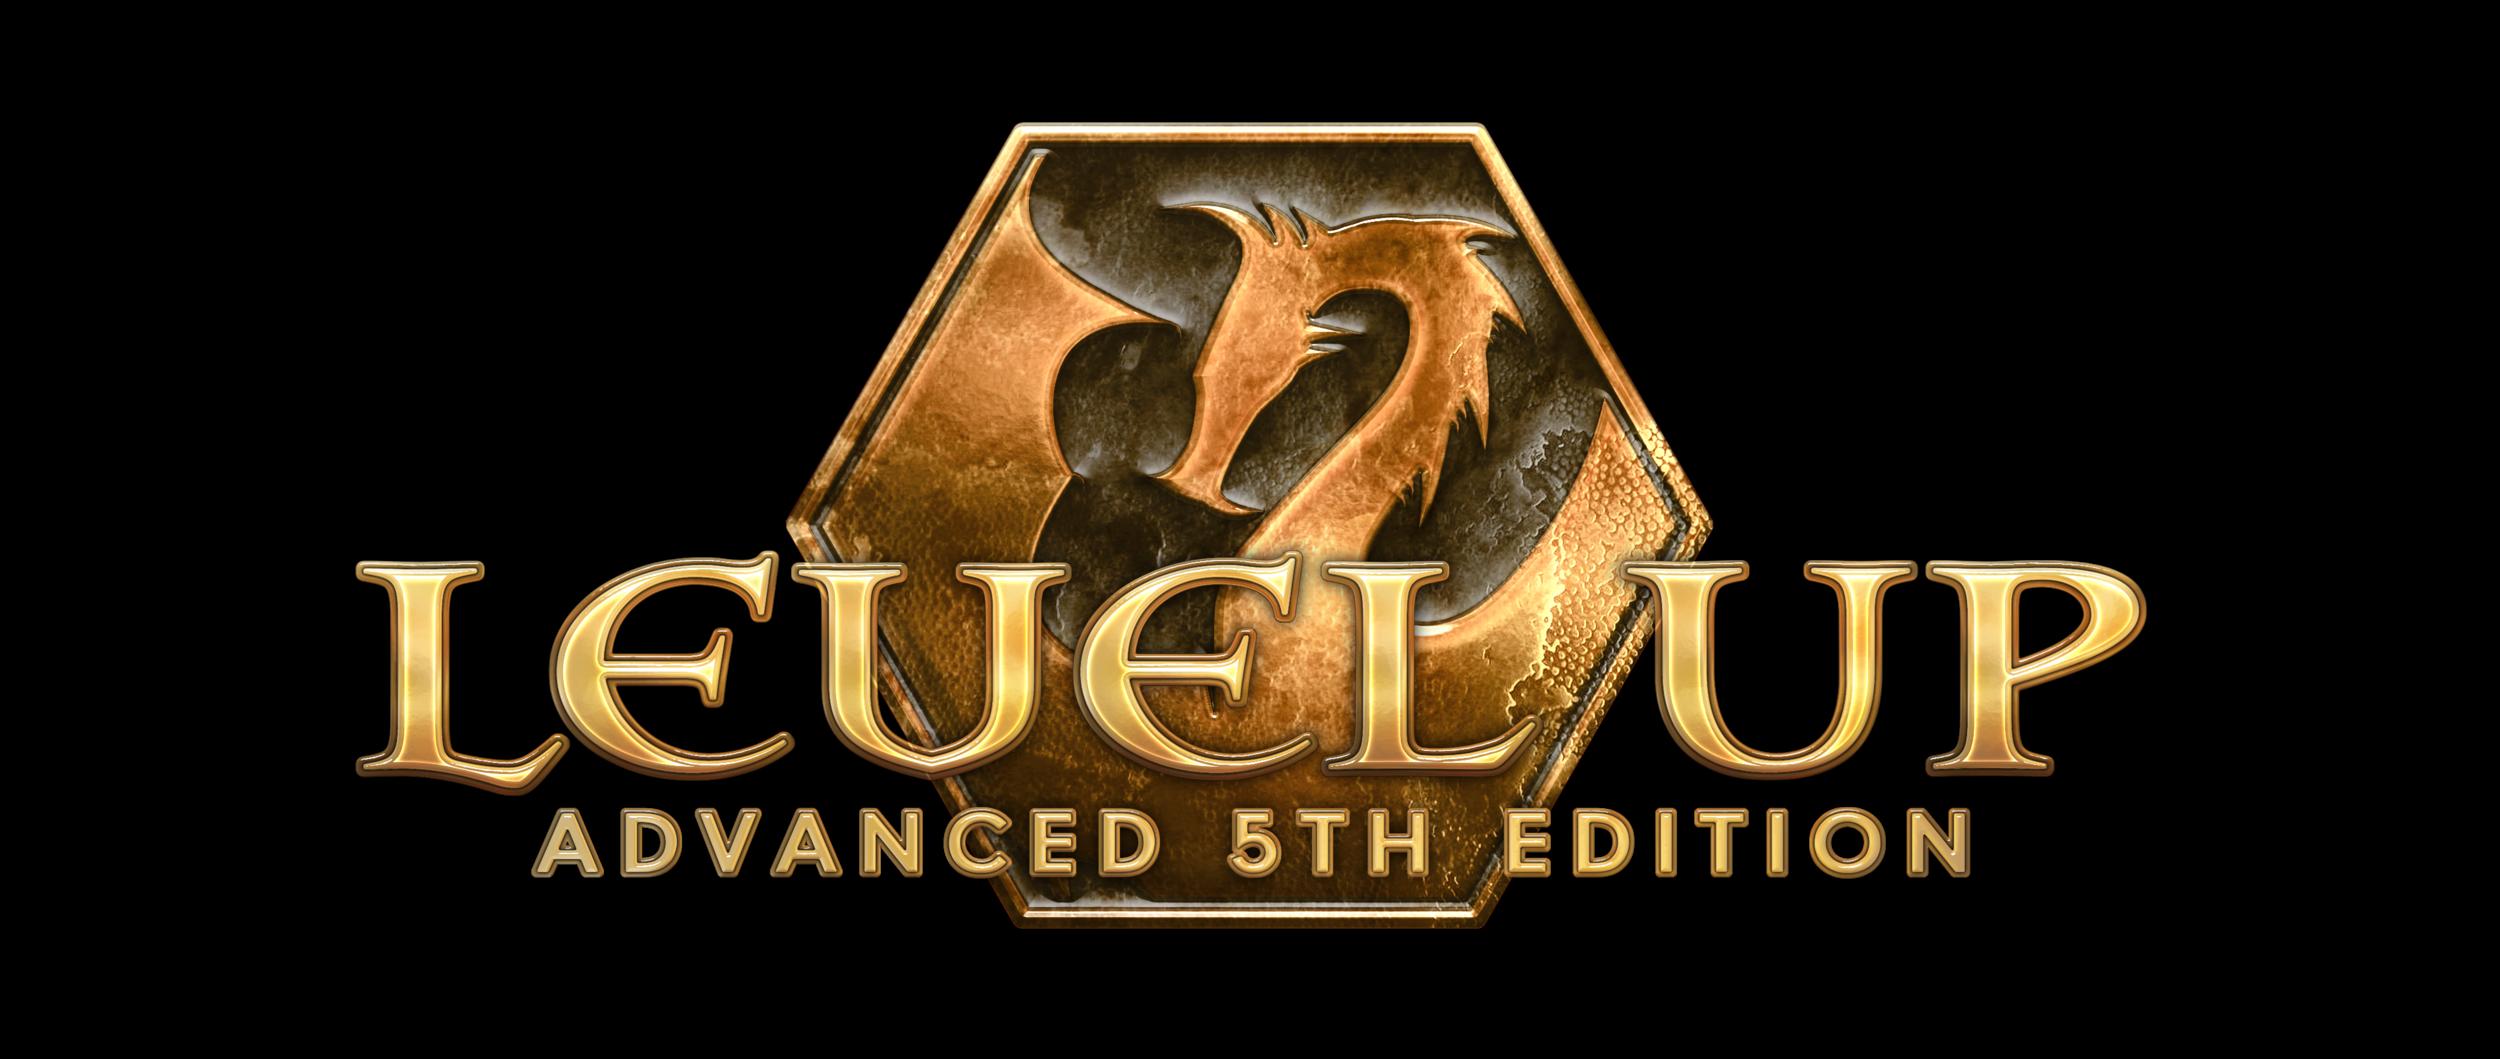 Level+Up+logo+hi+res.png